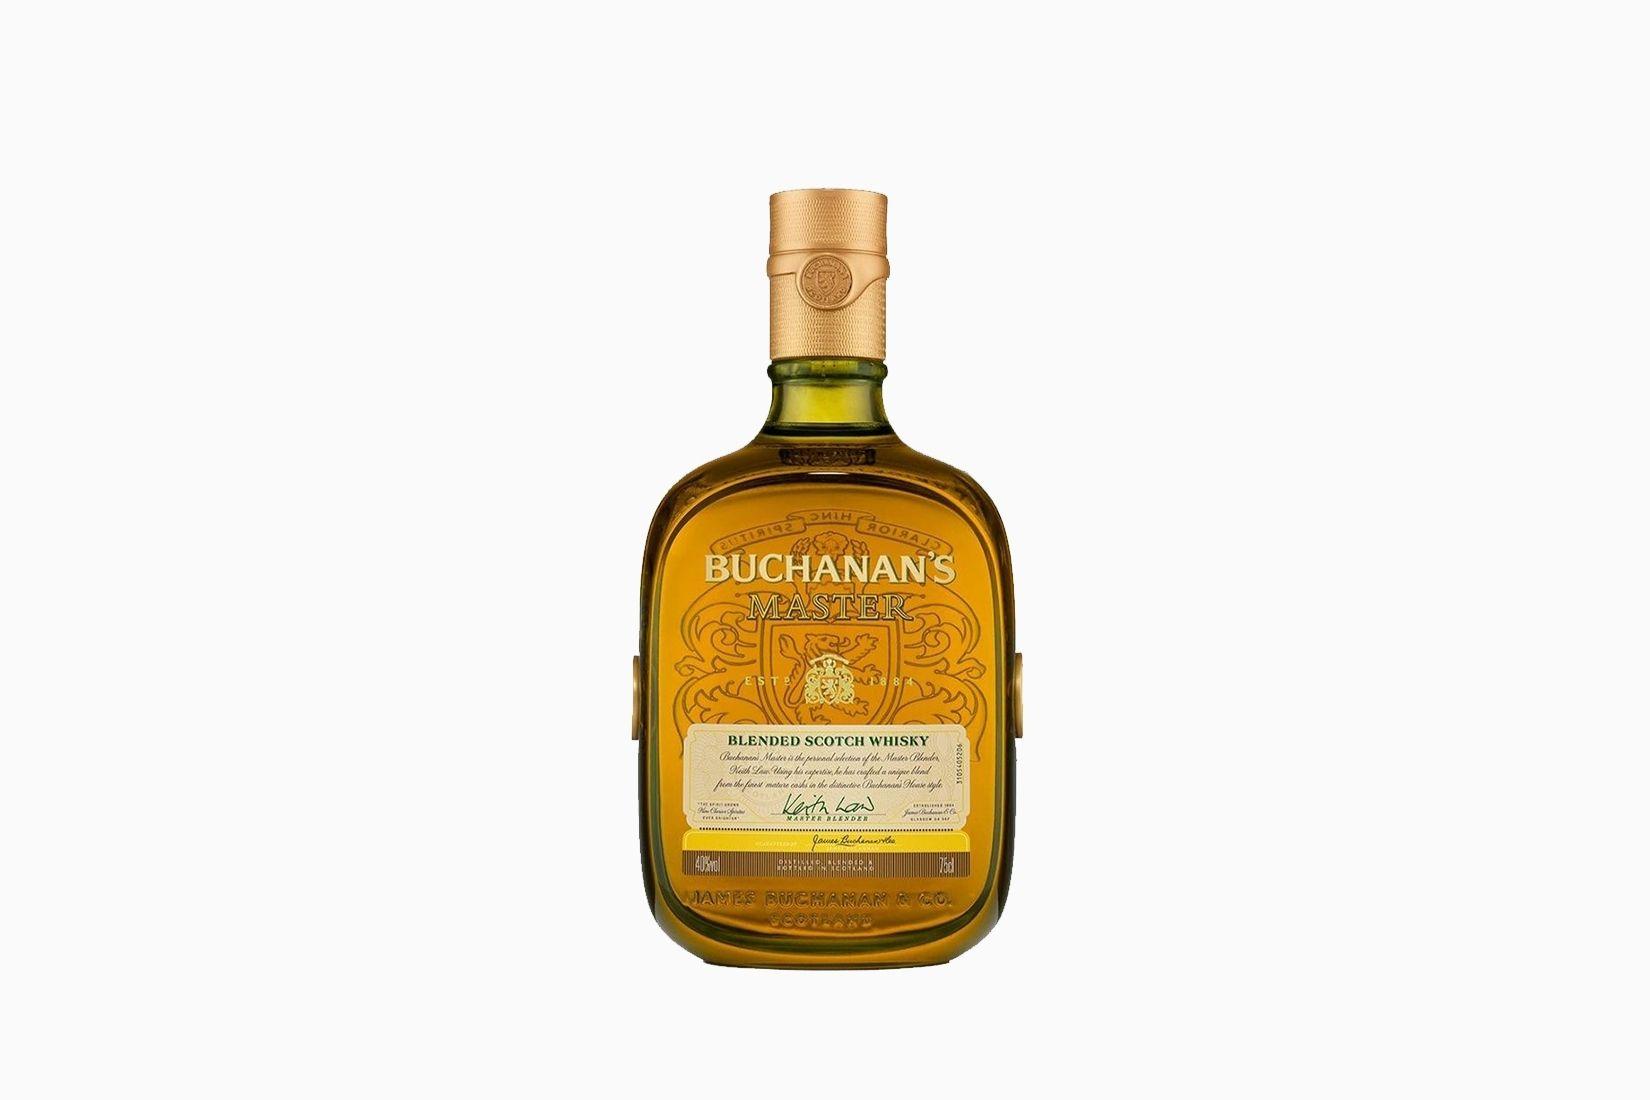 Revisión de precios especiales de reserva de 18 años de Buchanans - Luxe Digital